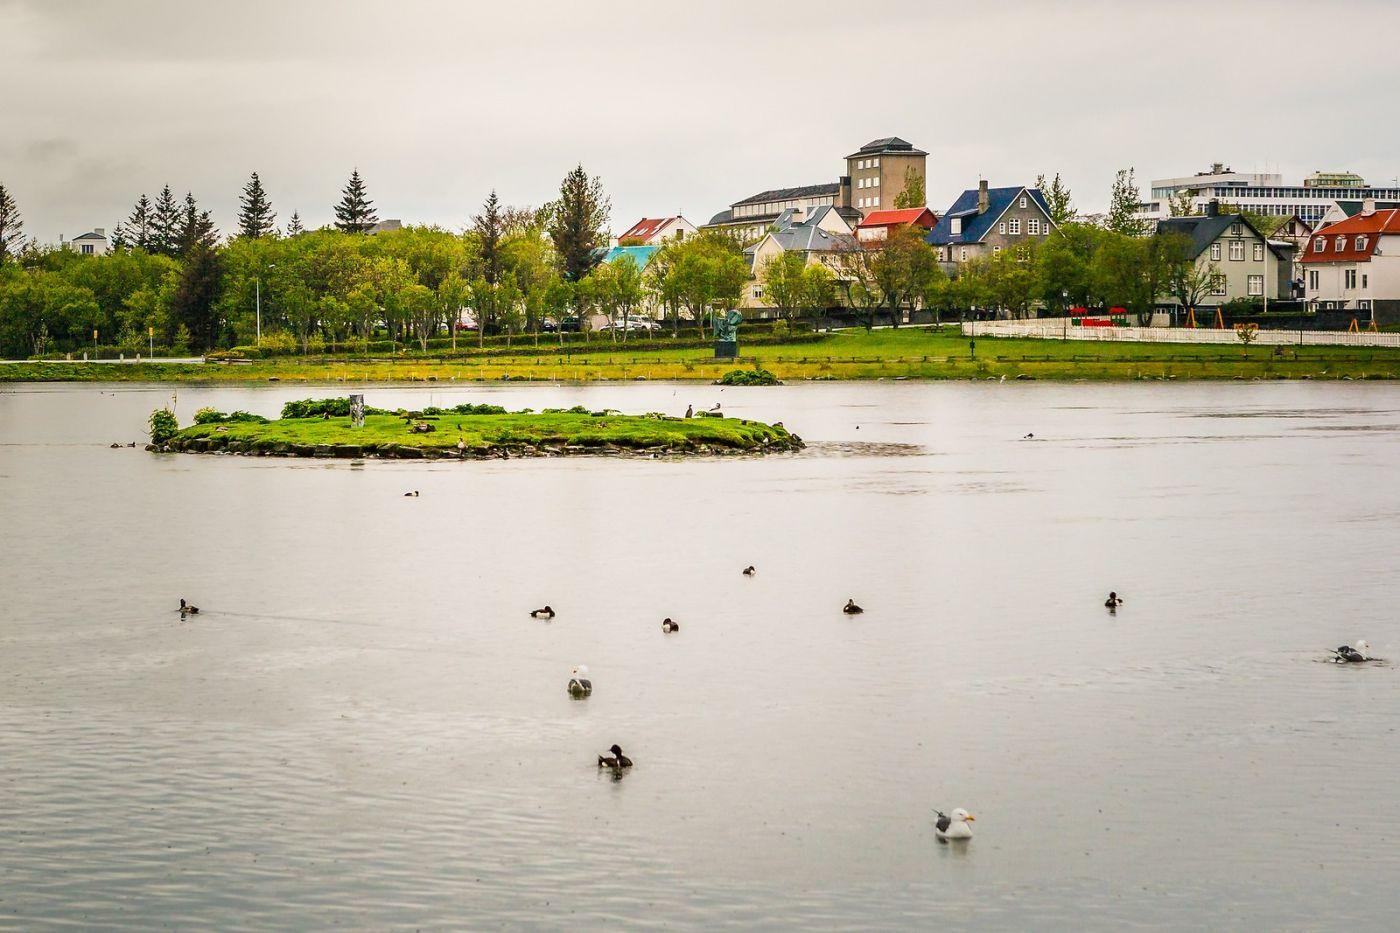 冰岛雷克雅未克(Reykjavík),游城中湖_图1-6